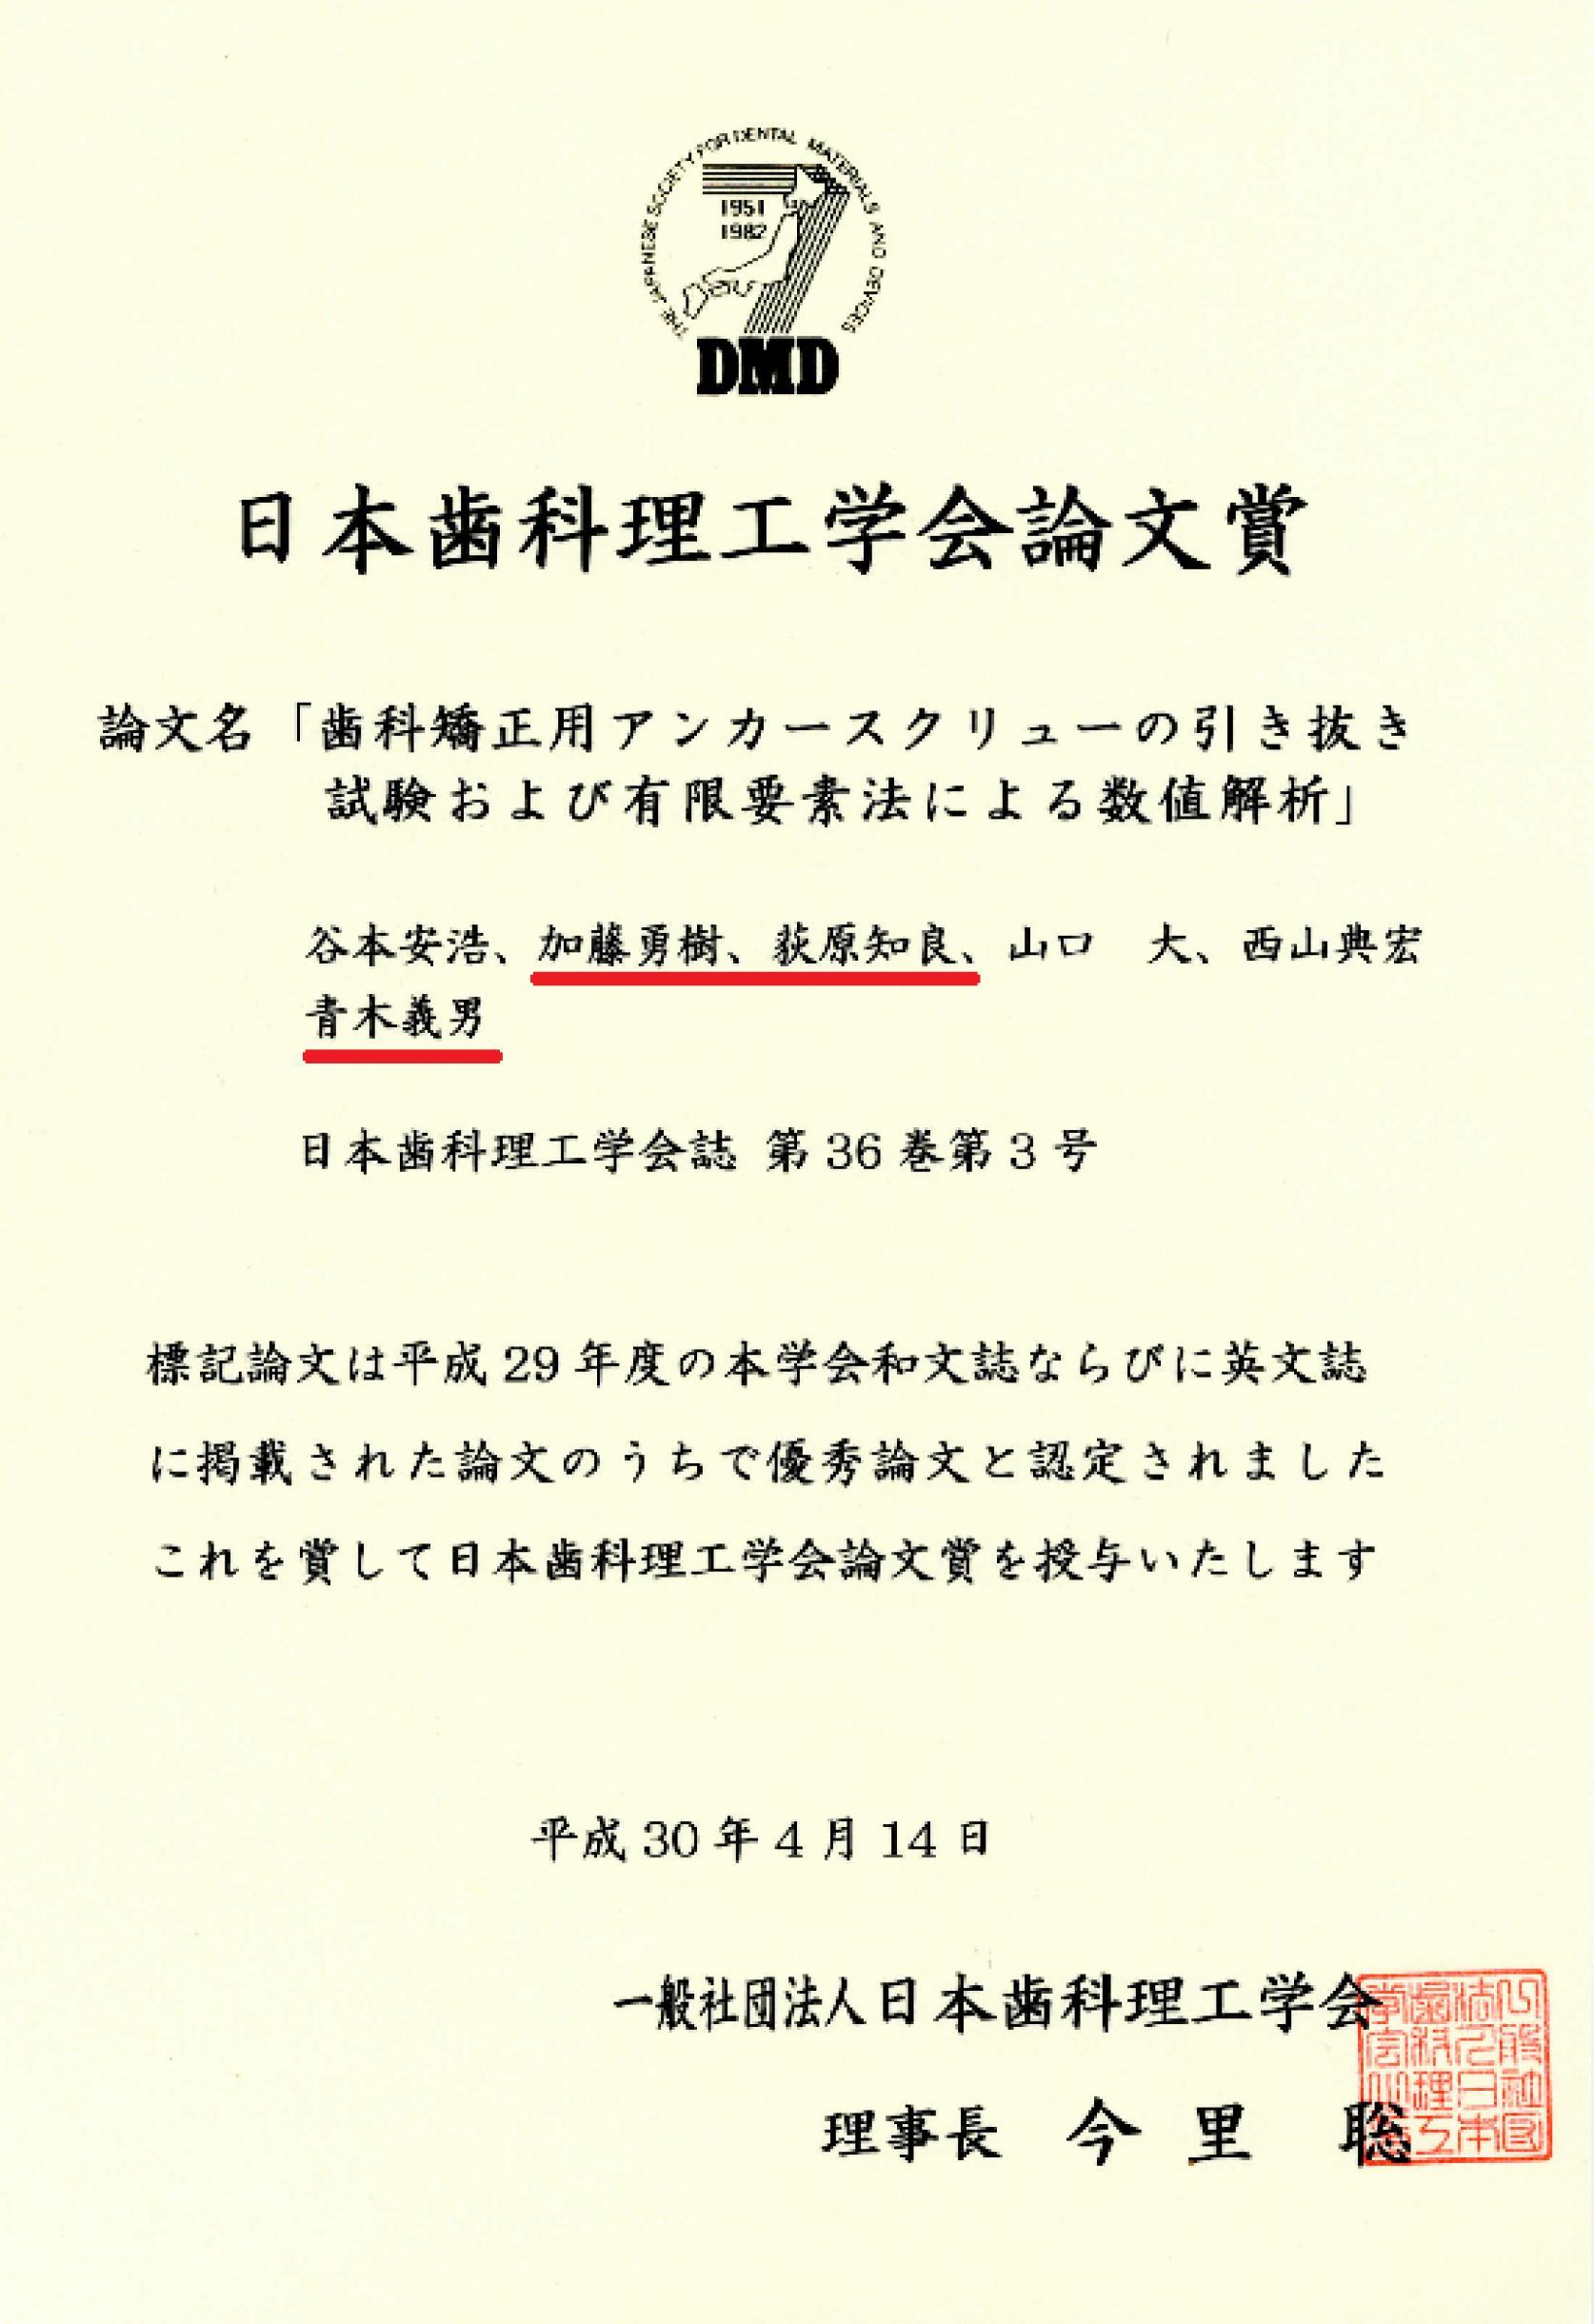 精密機械工学専攻平成28年度修了生である、加藤勇樹さん、荻原知良さん、精密機械工学専攻青木義男教授の研究グループが「日本歯科理工学会」において、平成29年度論文賞を受賞しました。